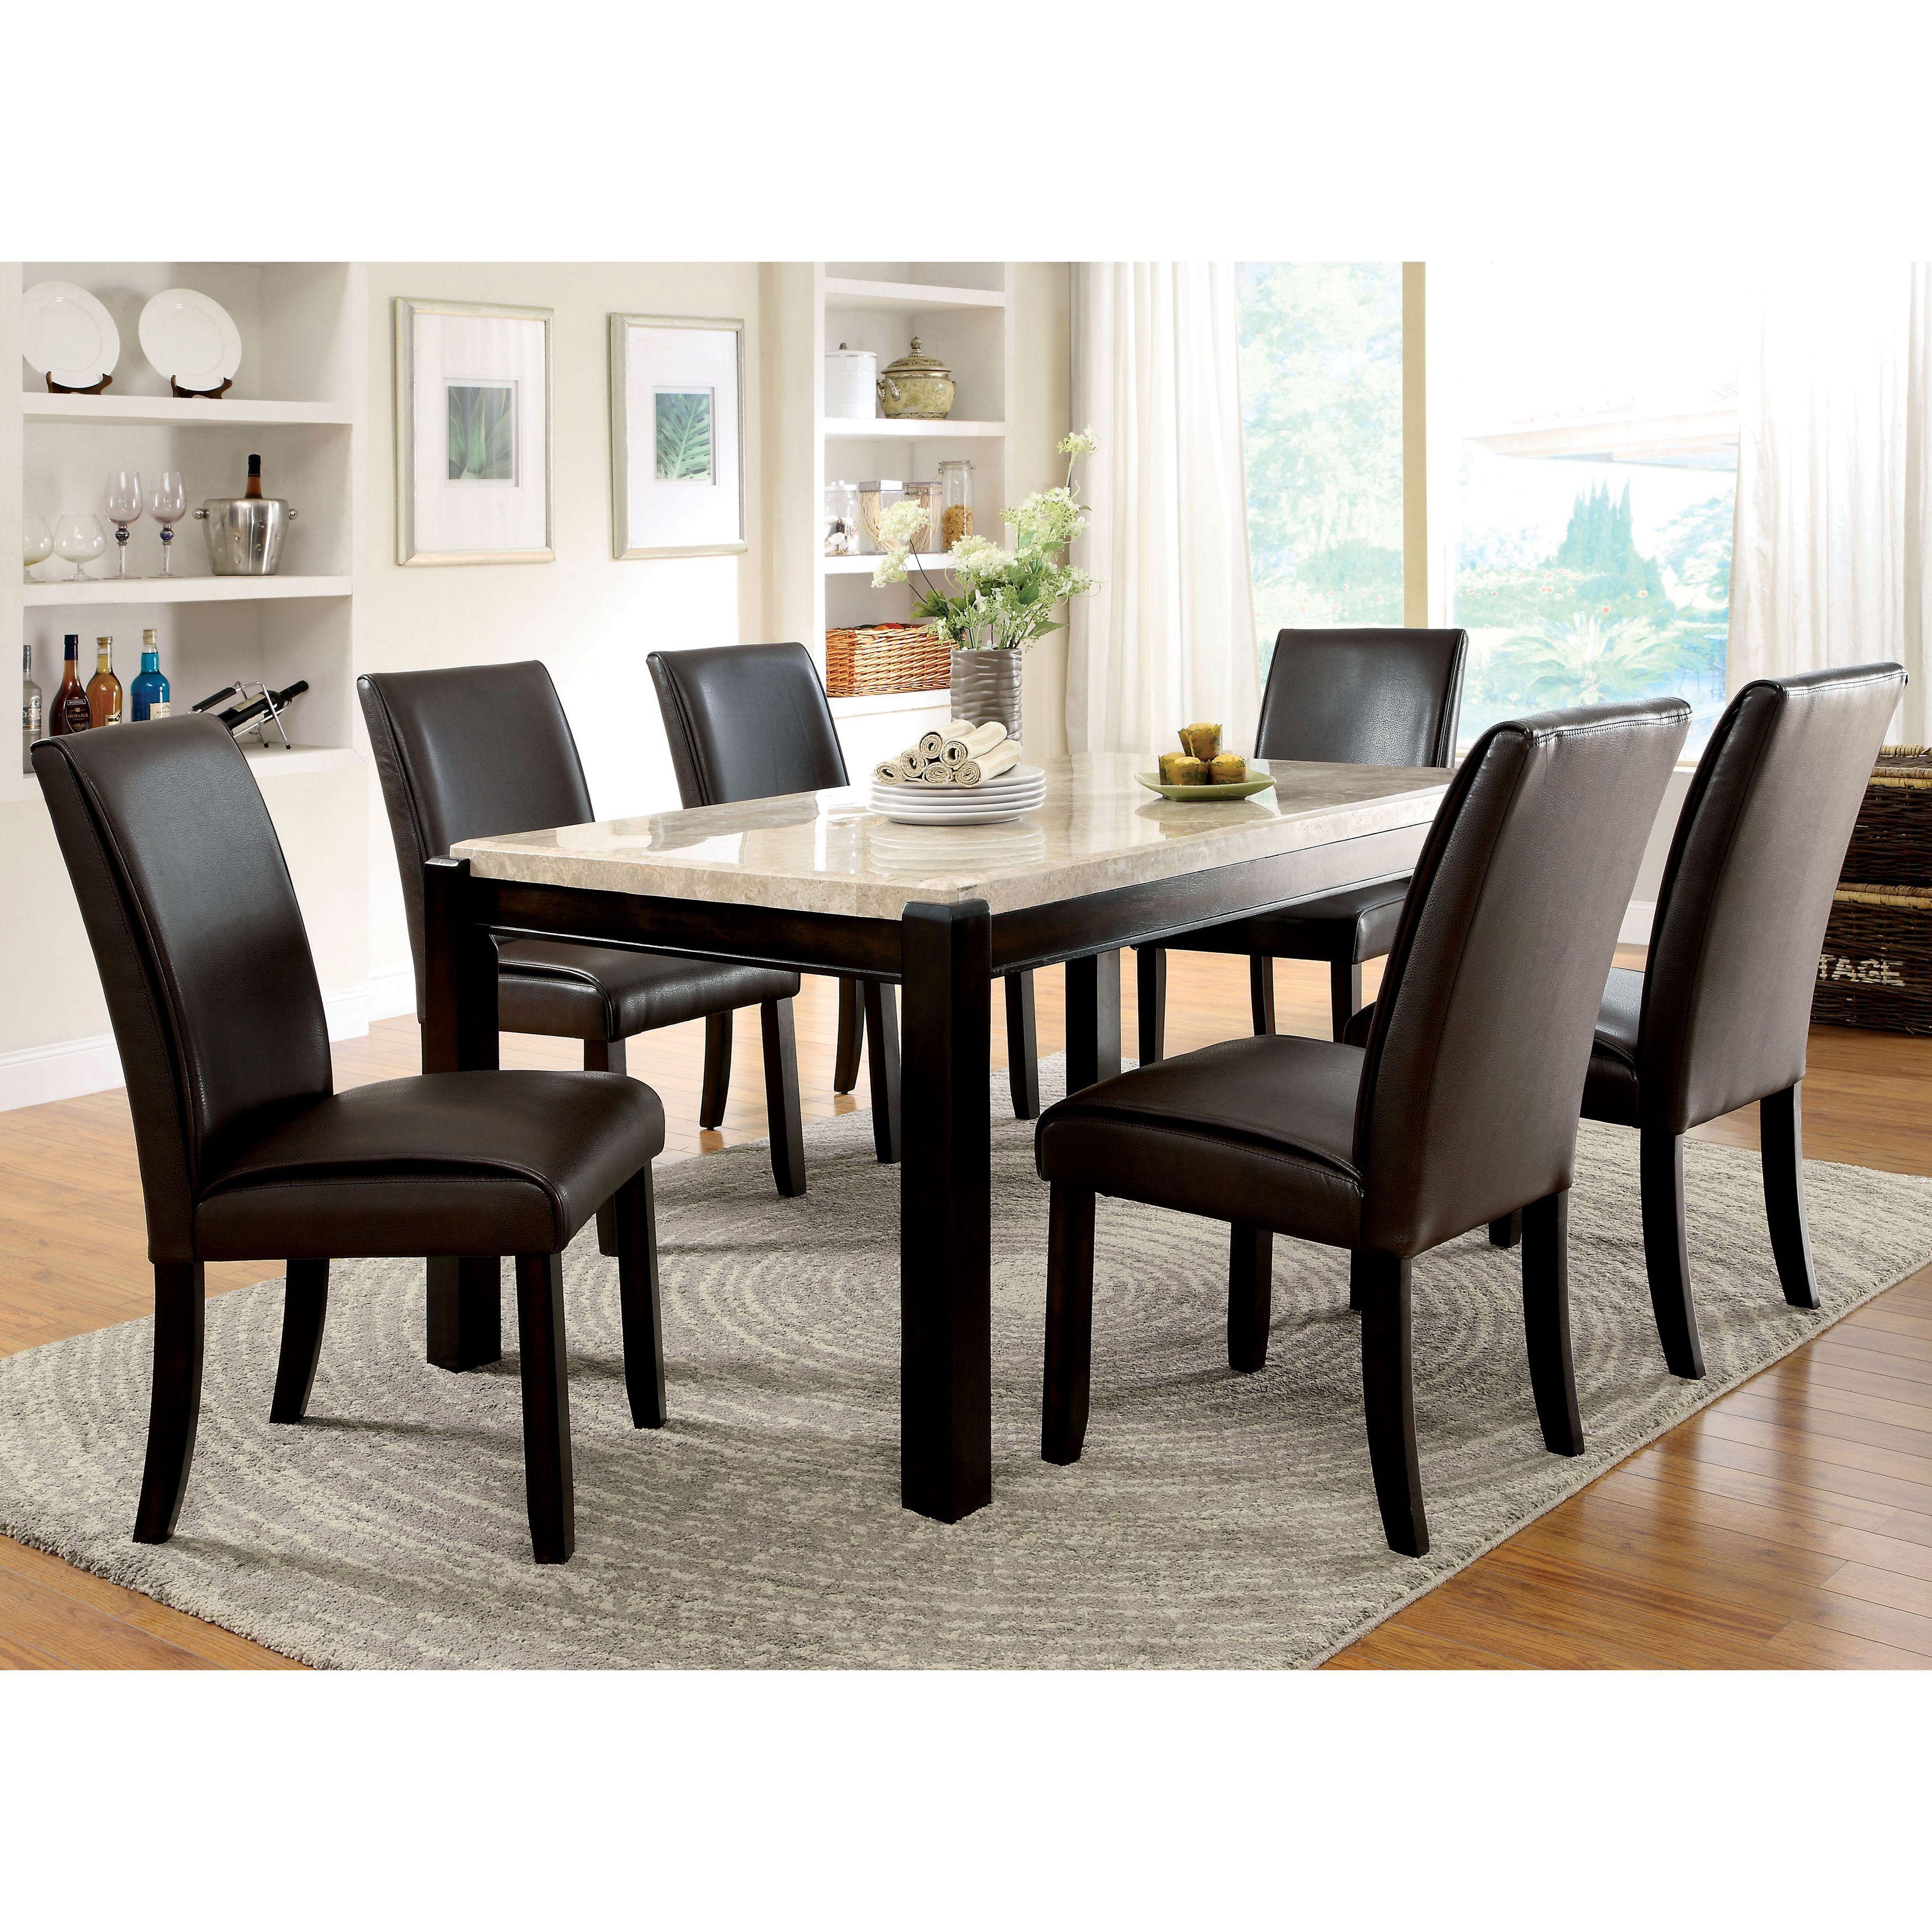 Kitchen bistro set  Furniture of America Joreth piece Dark Walnut Brown Dining Set